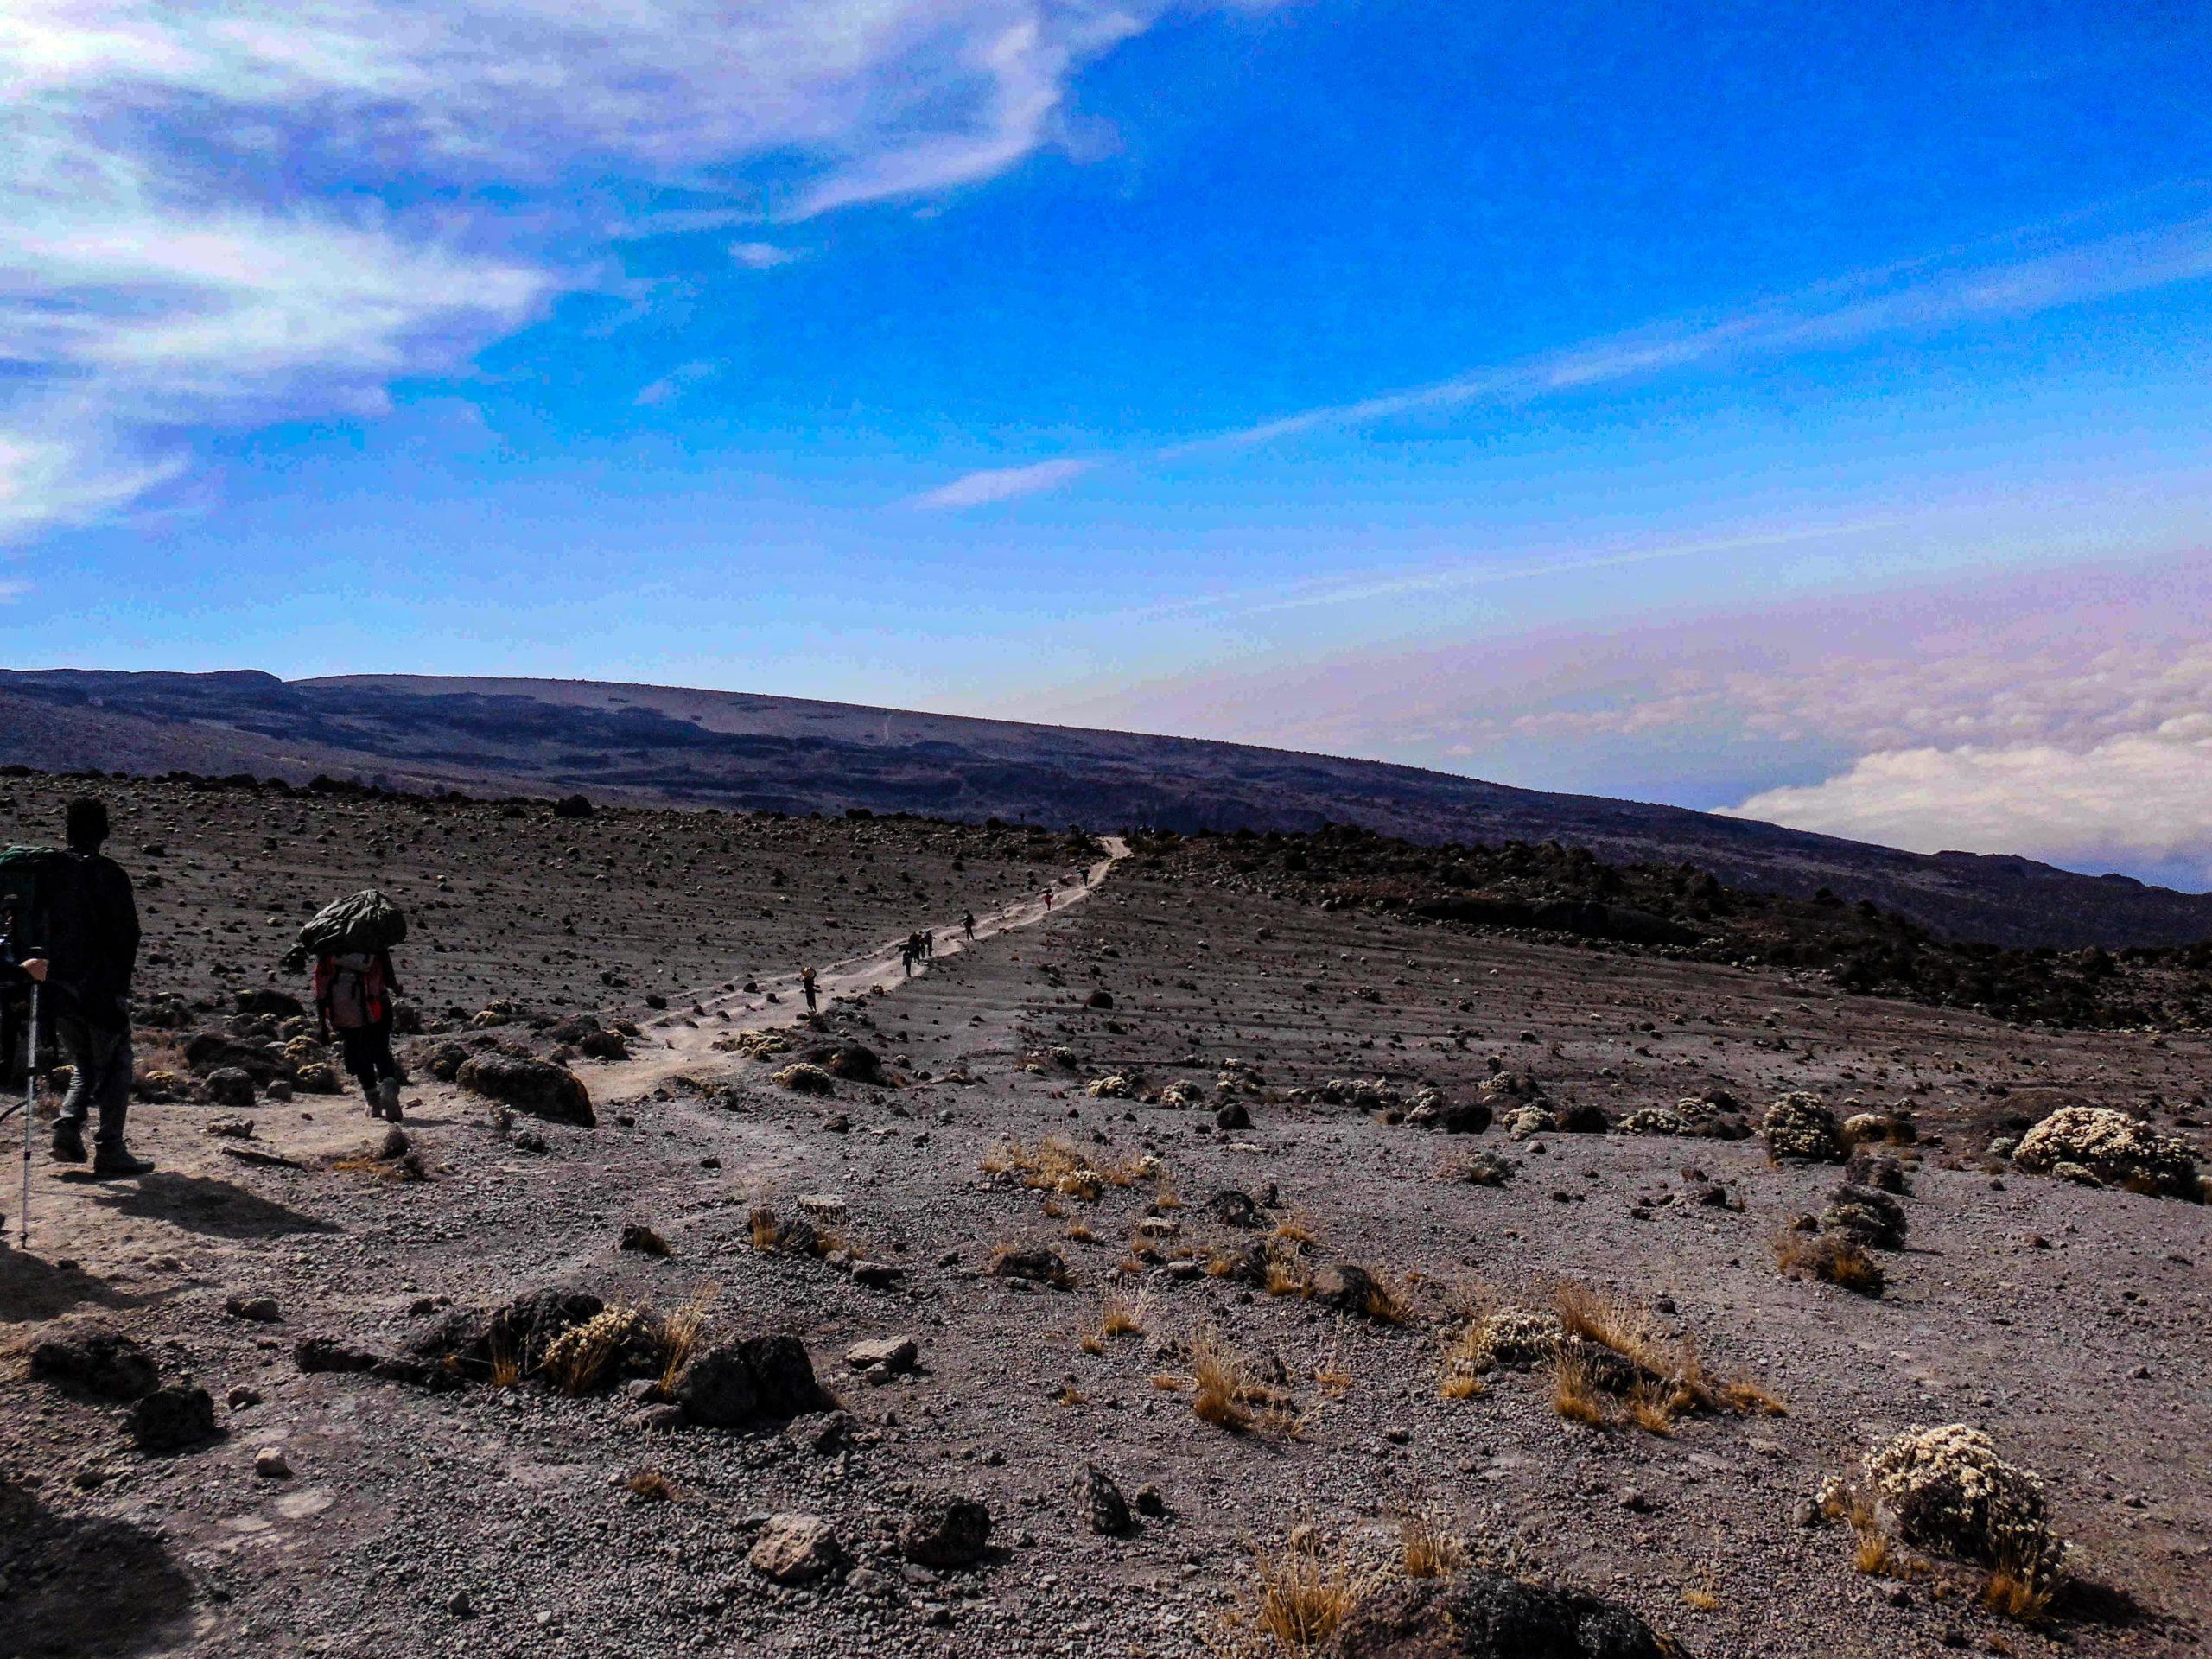 _.a czasmi tak wędrujemy, trekking, machame route, kilimandżaro, tanzania-min